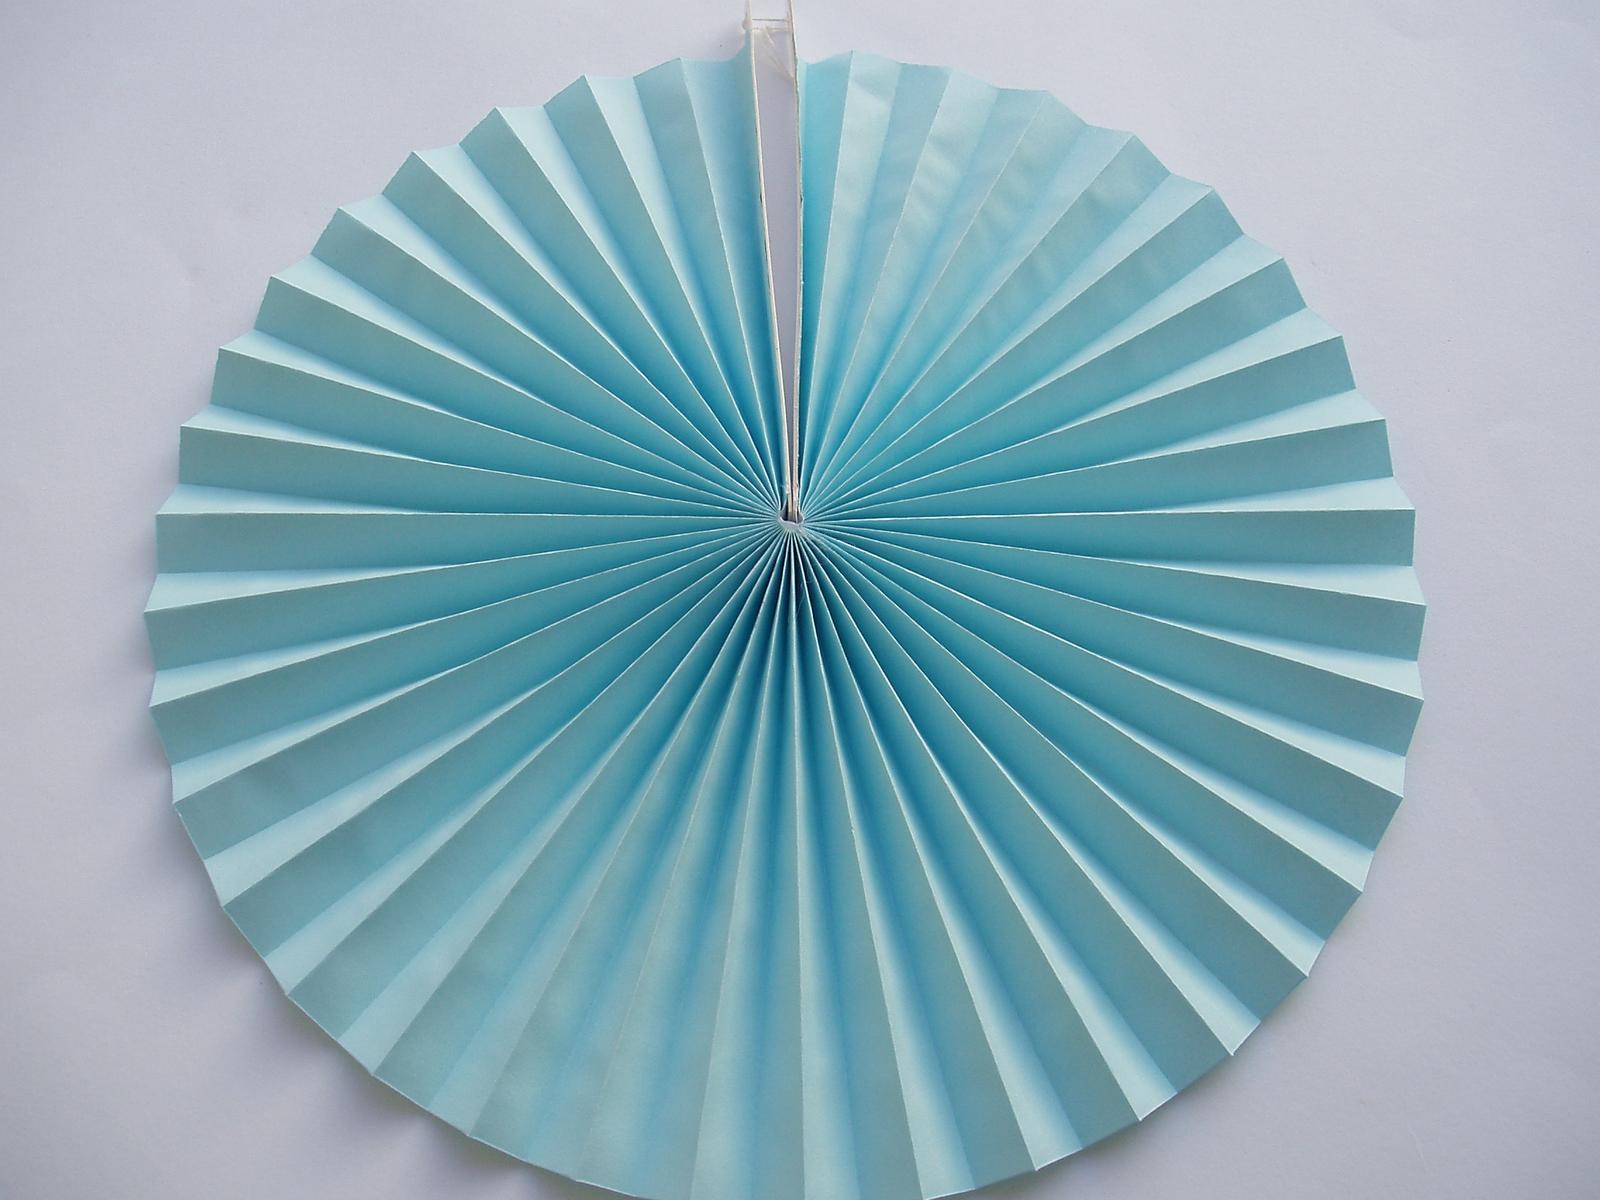 rozeta světle modrá - Obrázek č. 1